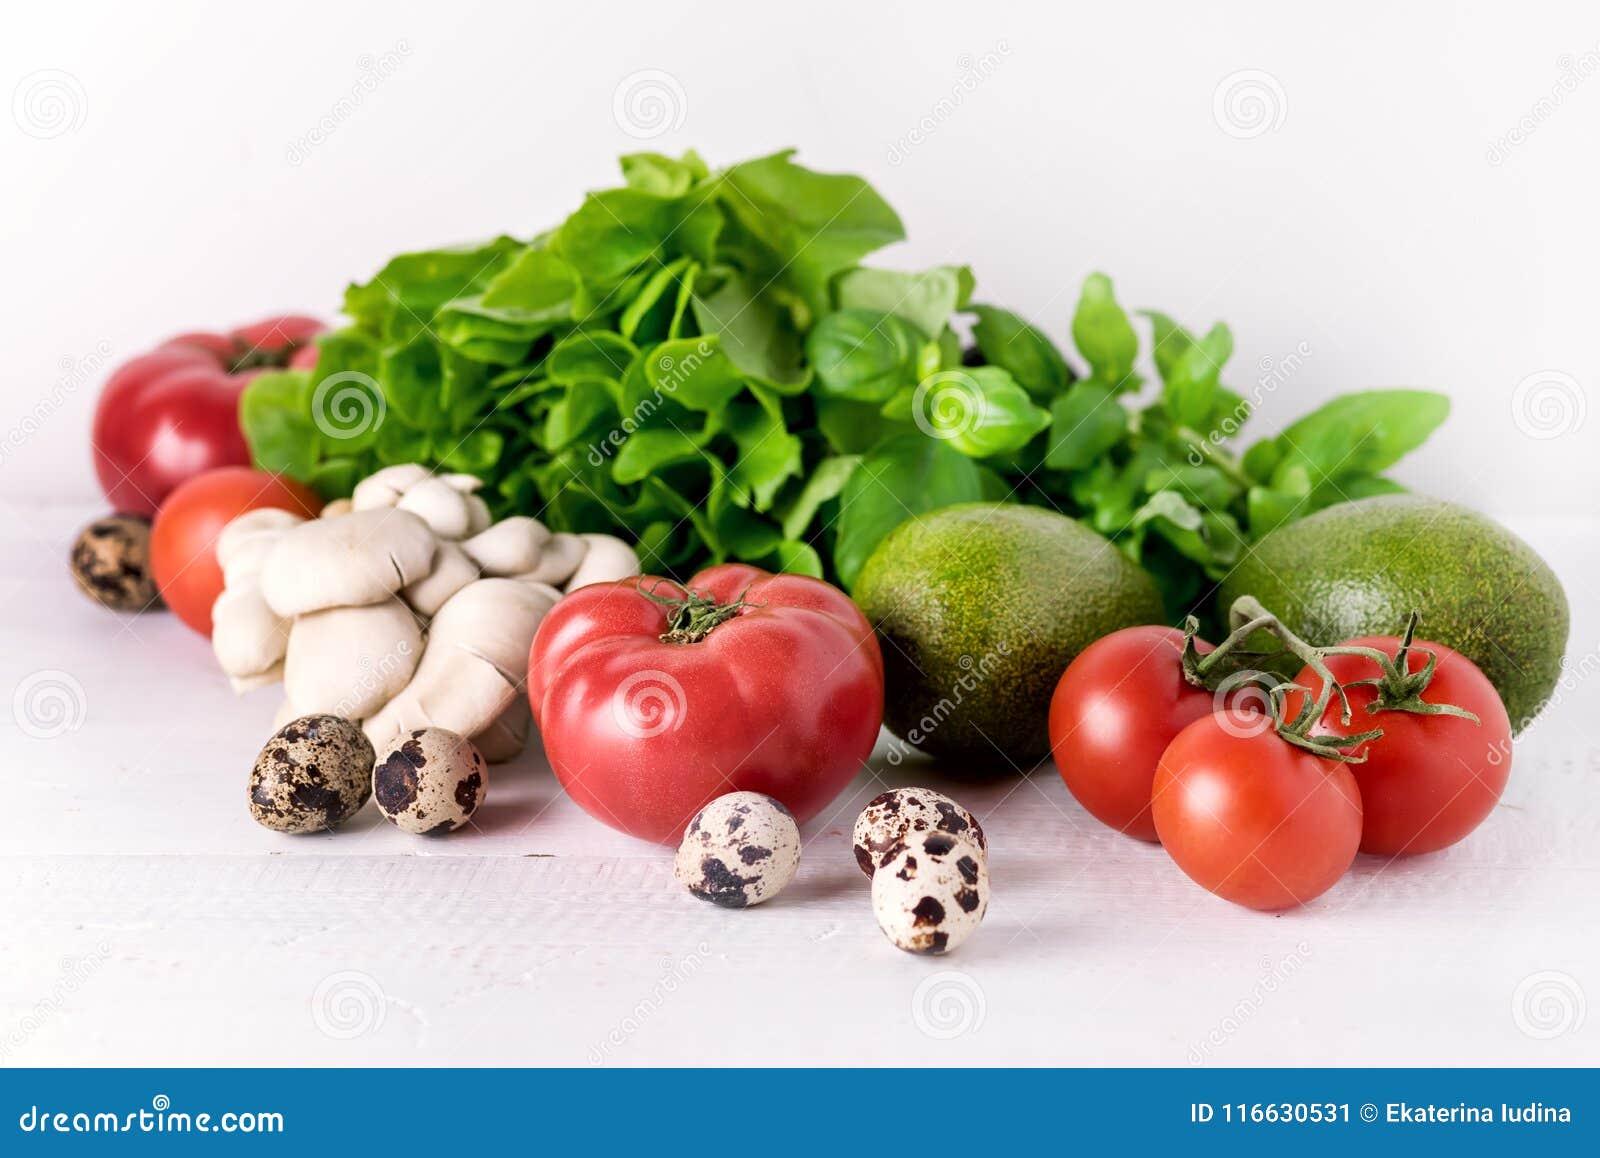 Τα υγιή τρόφιμα διατροφής στα άσπρα πράσινα φύλλα πιπεριών ντοματών λαχανικών υποβάθρου ξεφυτρώνουν συστατικά έννοιας τροφίμων δι